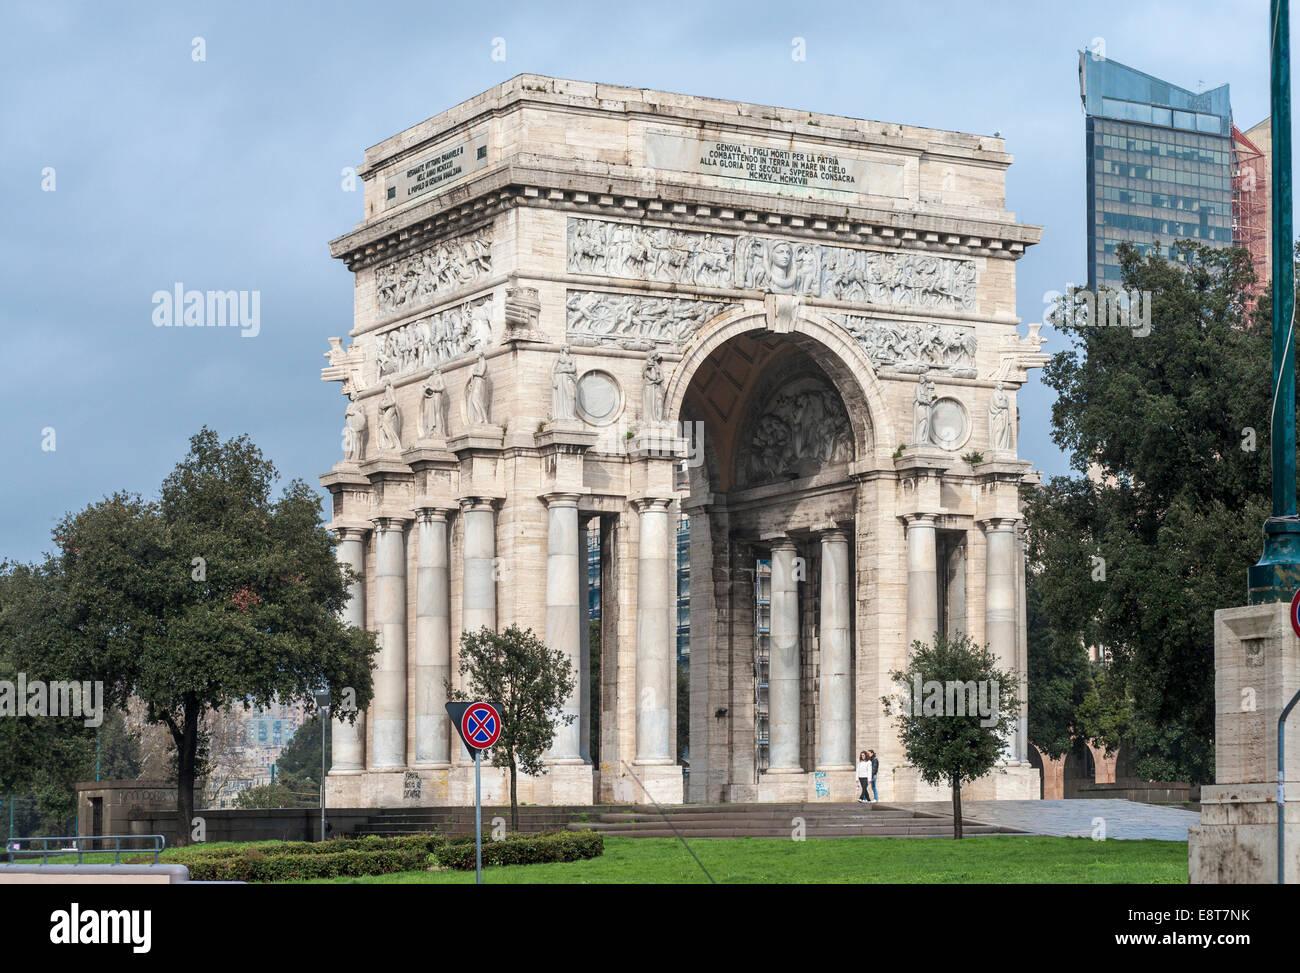 Triumphal Arch Arco della Vittoria, architecture of Italian fascism under Mussolini, Piazza della Vittoria, Genoa, - Stock Image